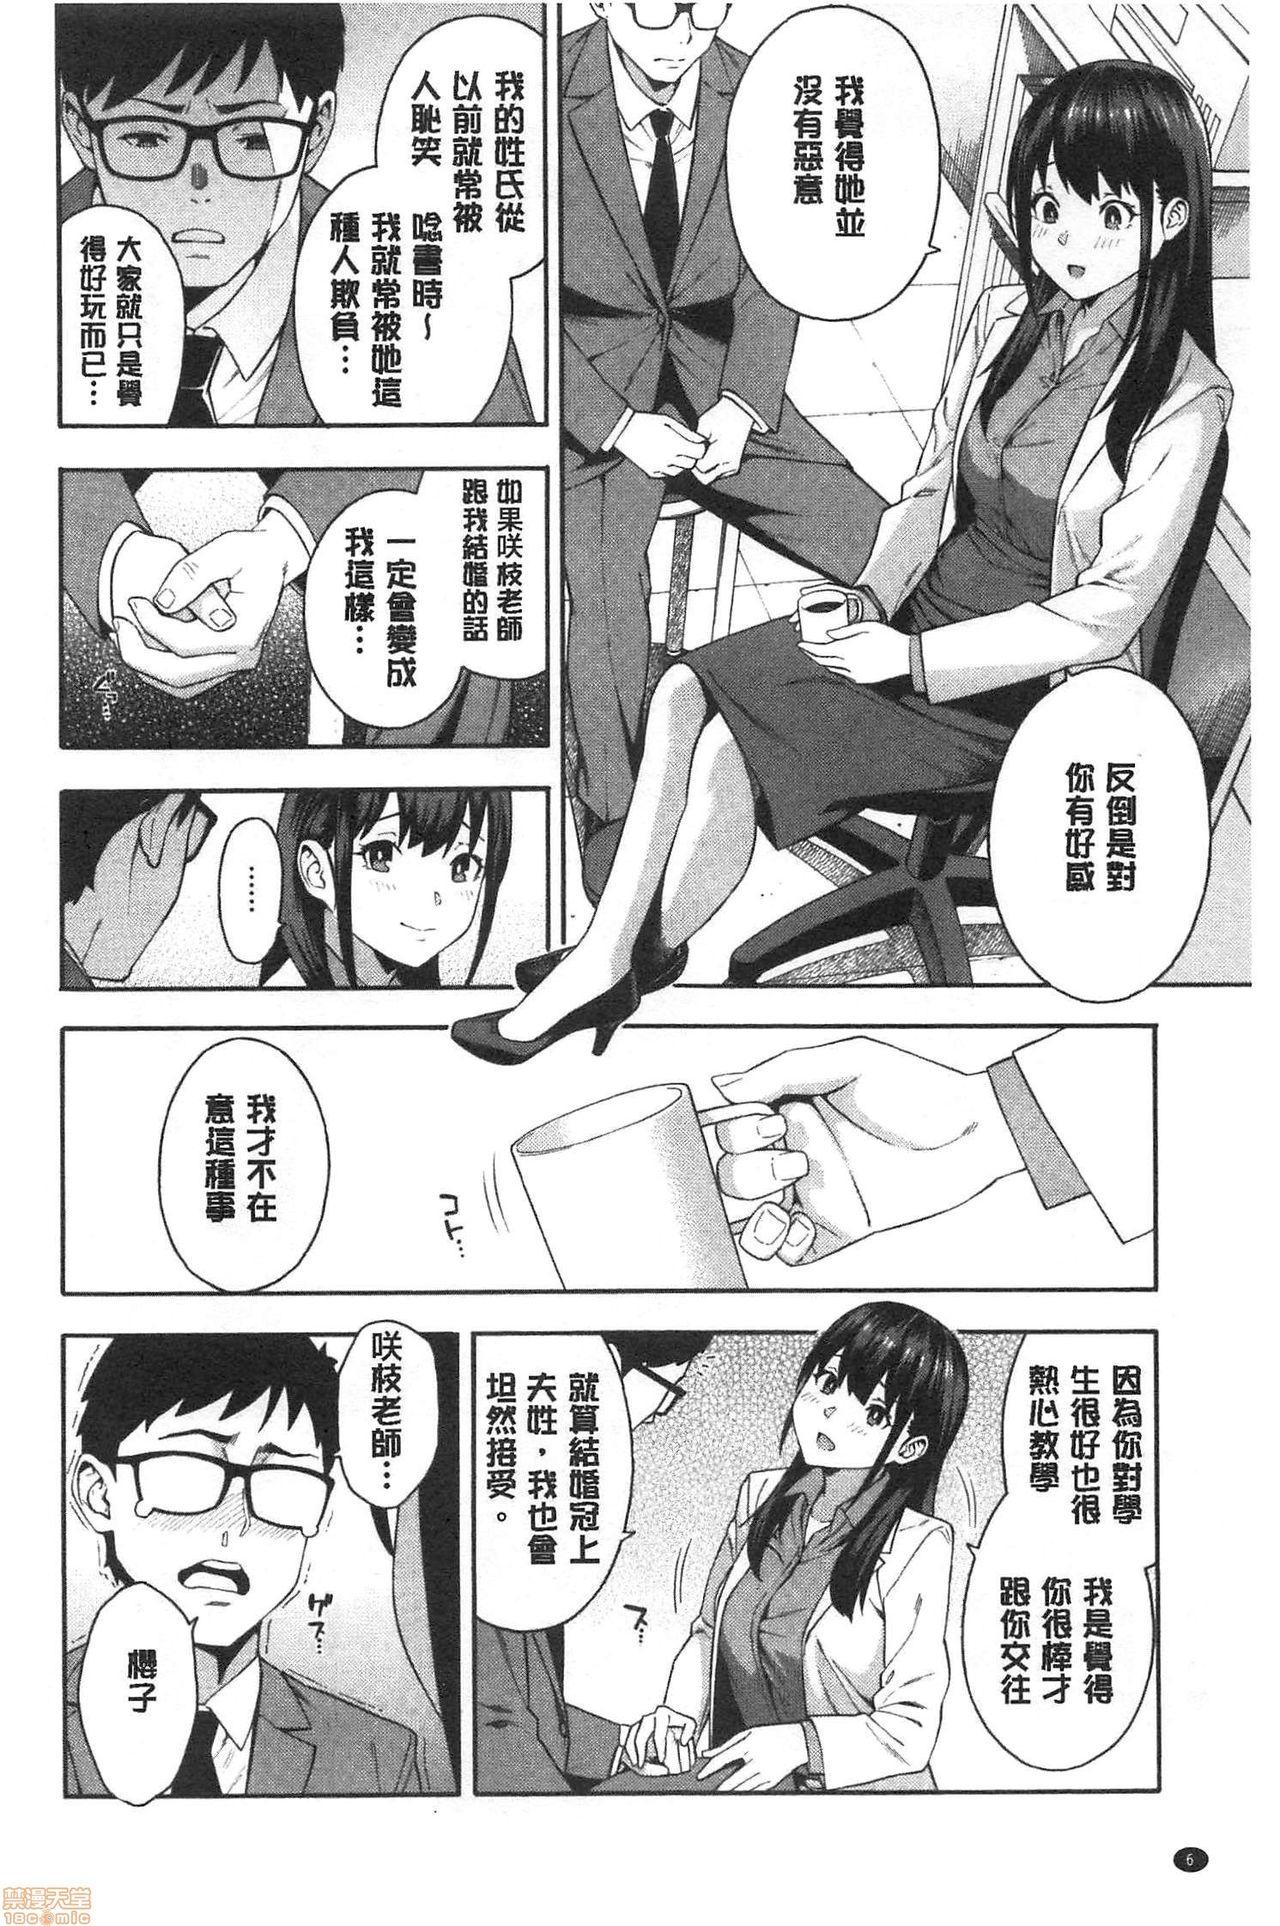 Okashite ageru 6